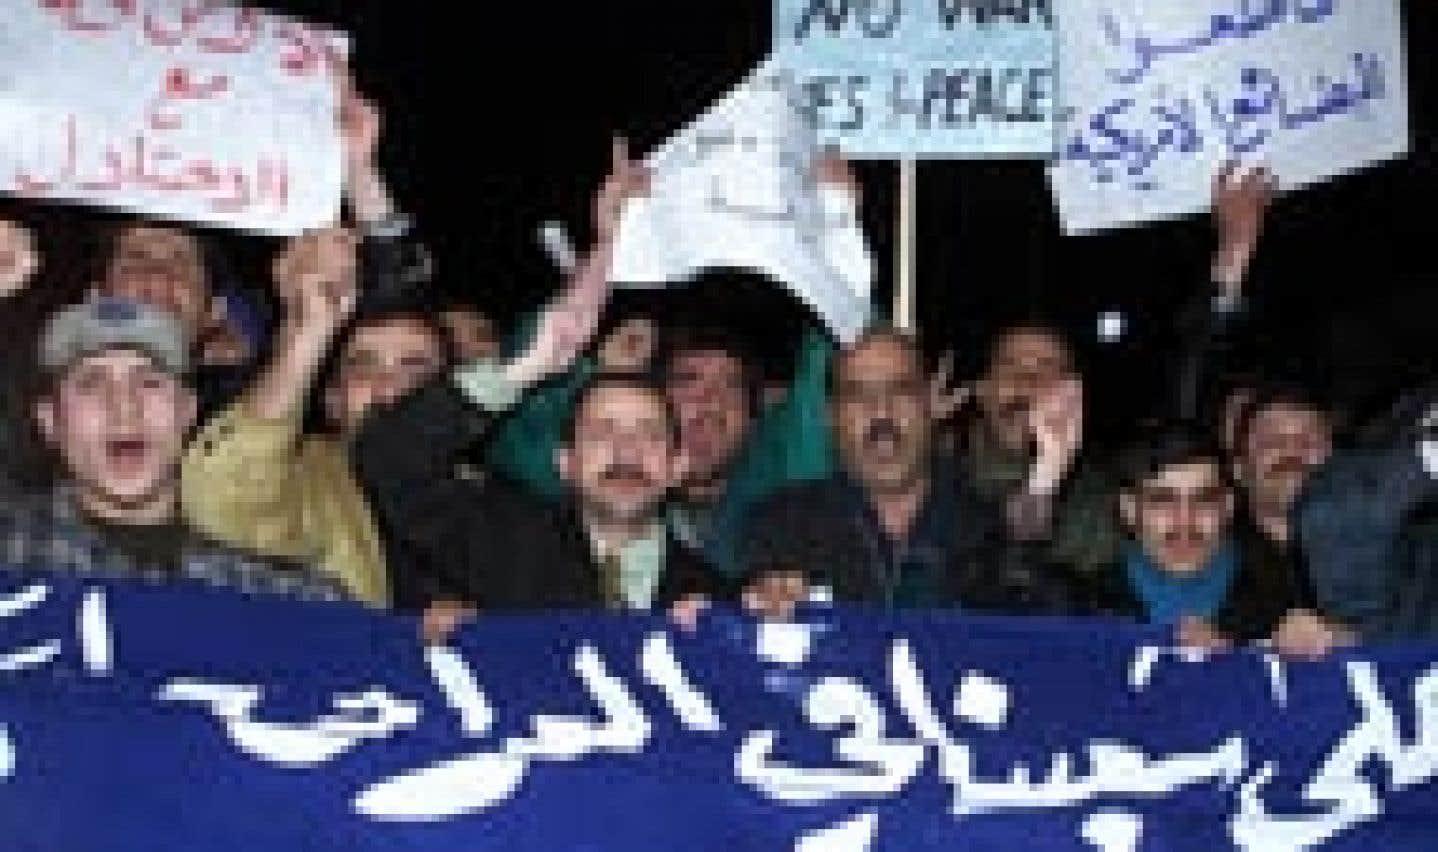 Les pays arabes réclament le retrait immédiat des forces en Irak